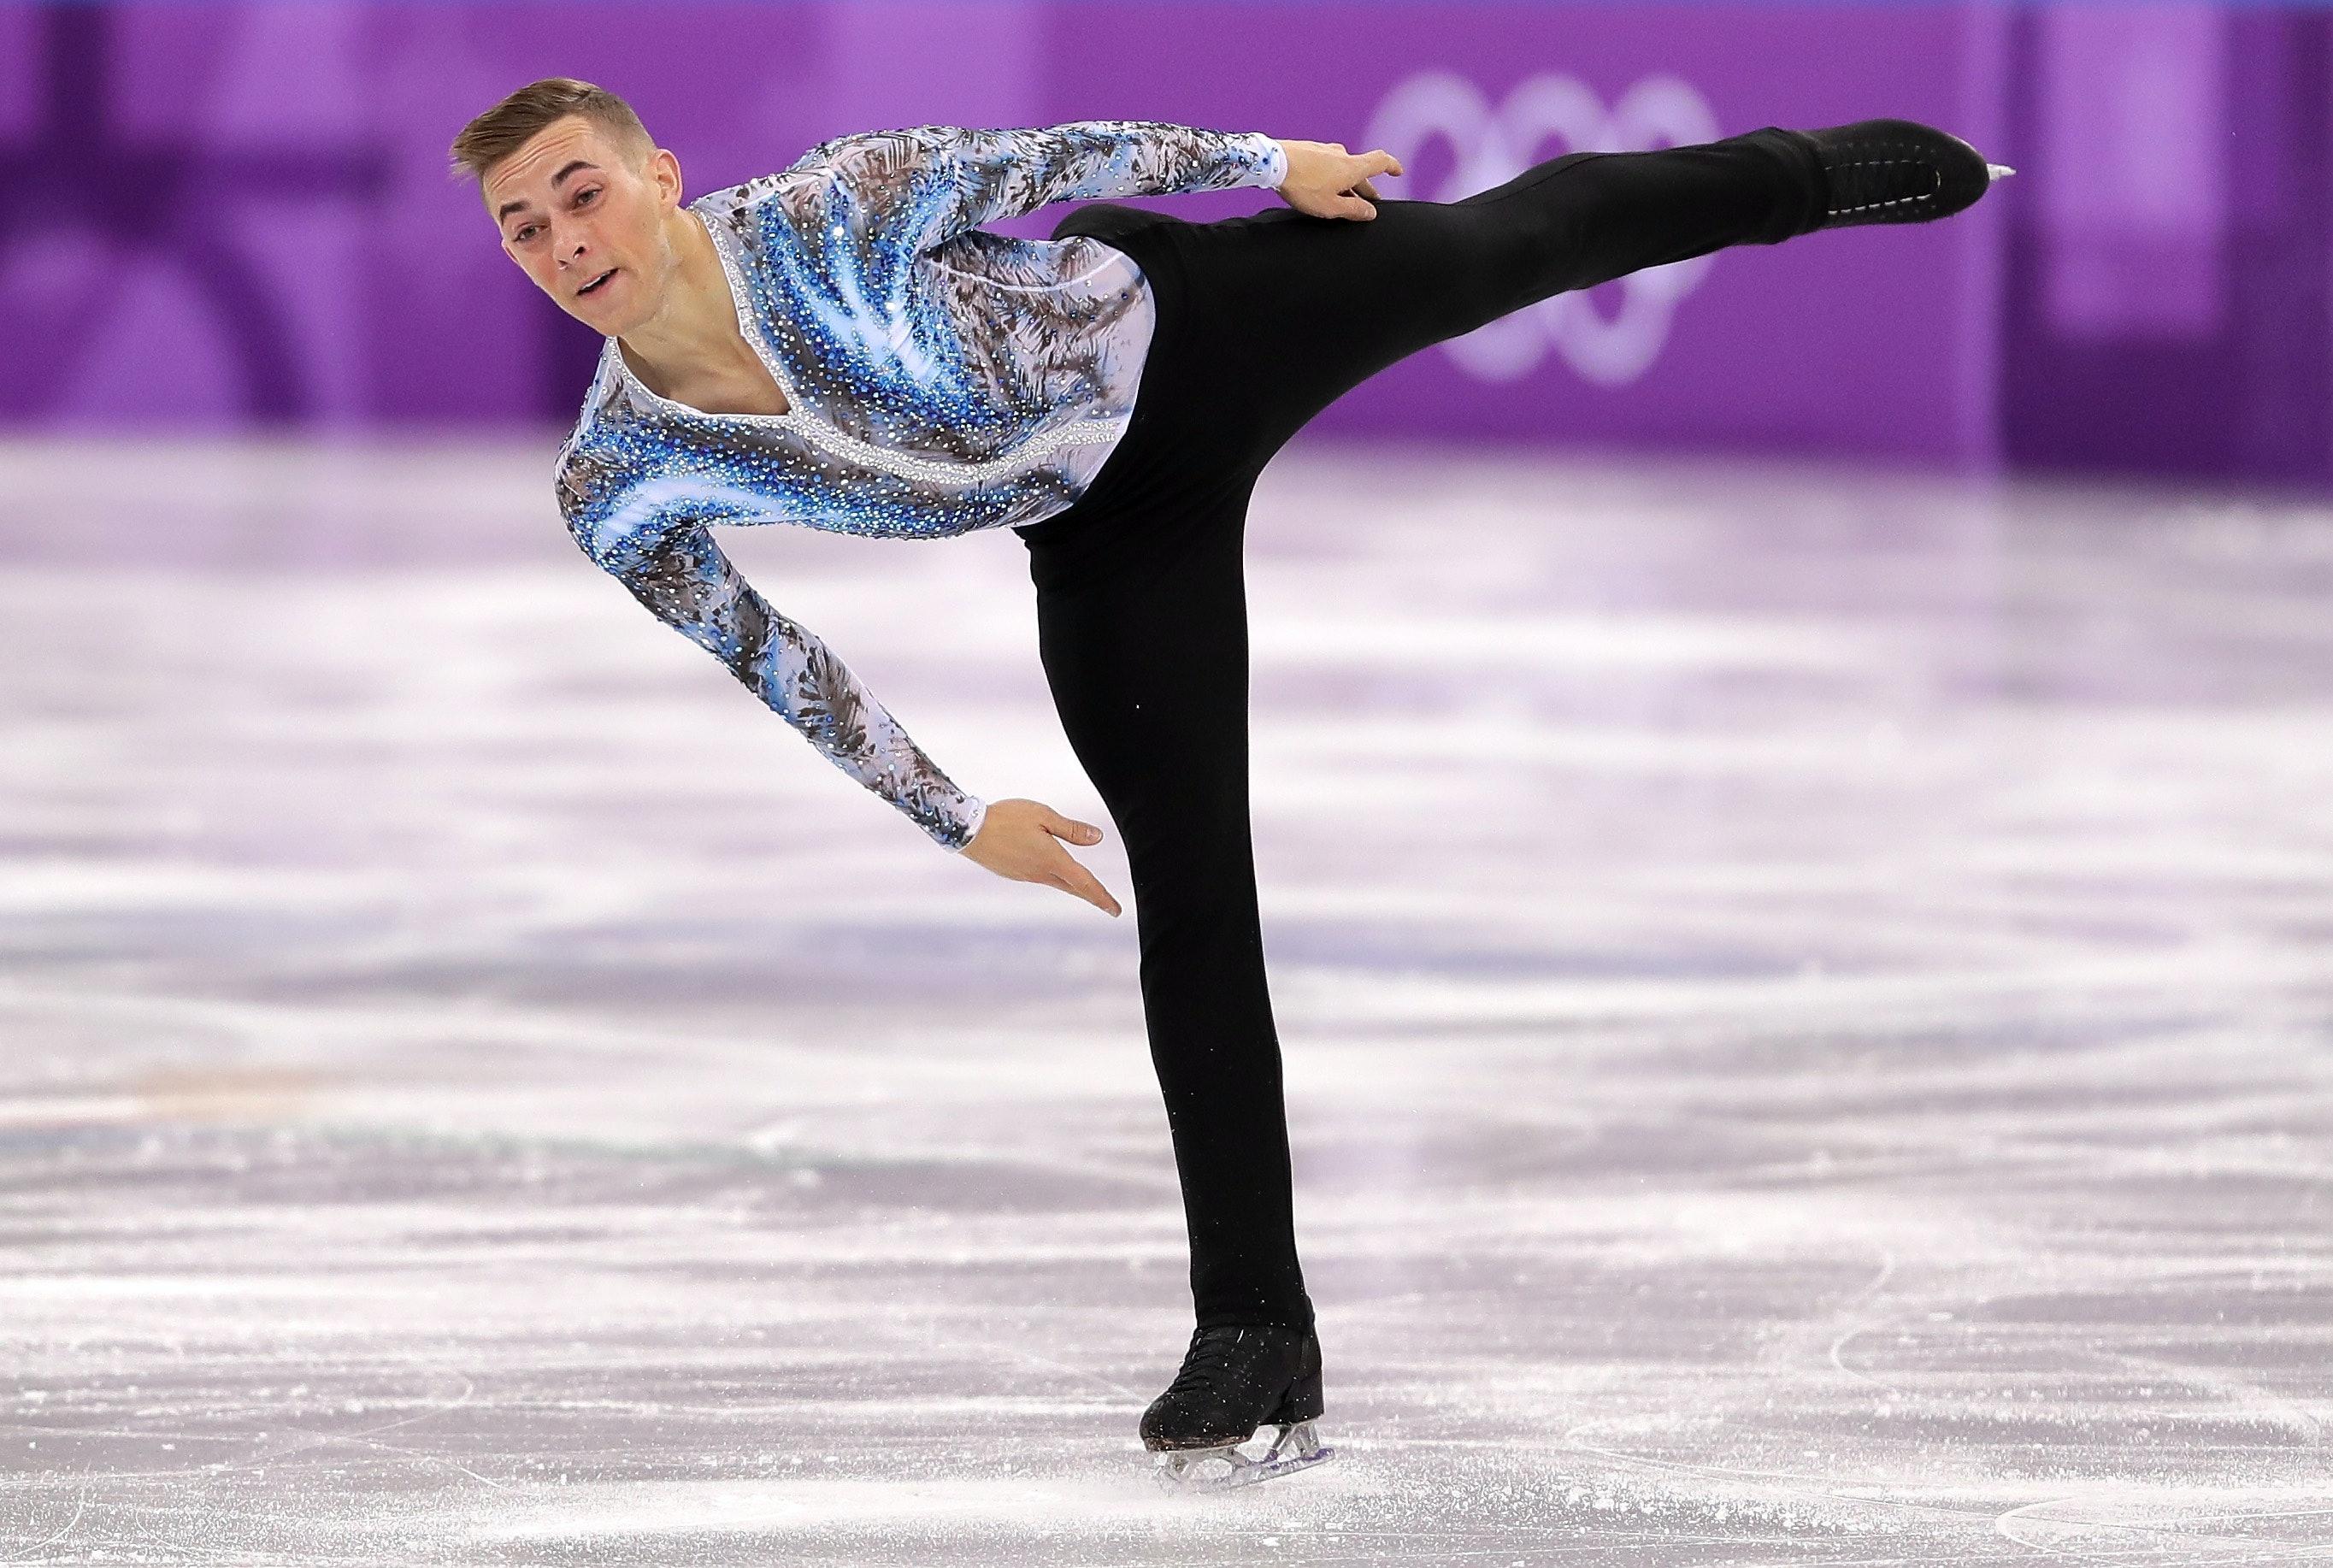 Skating for skating: the right choice, preparation 38